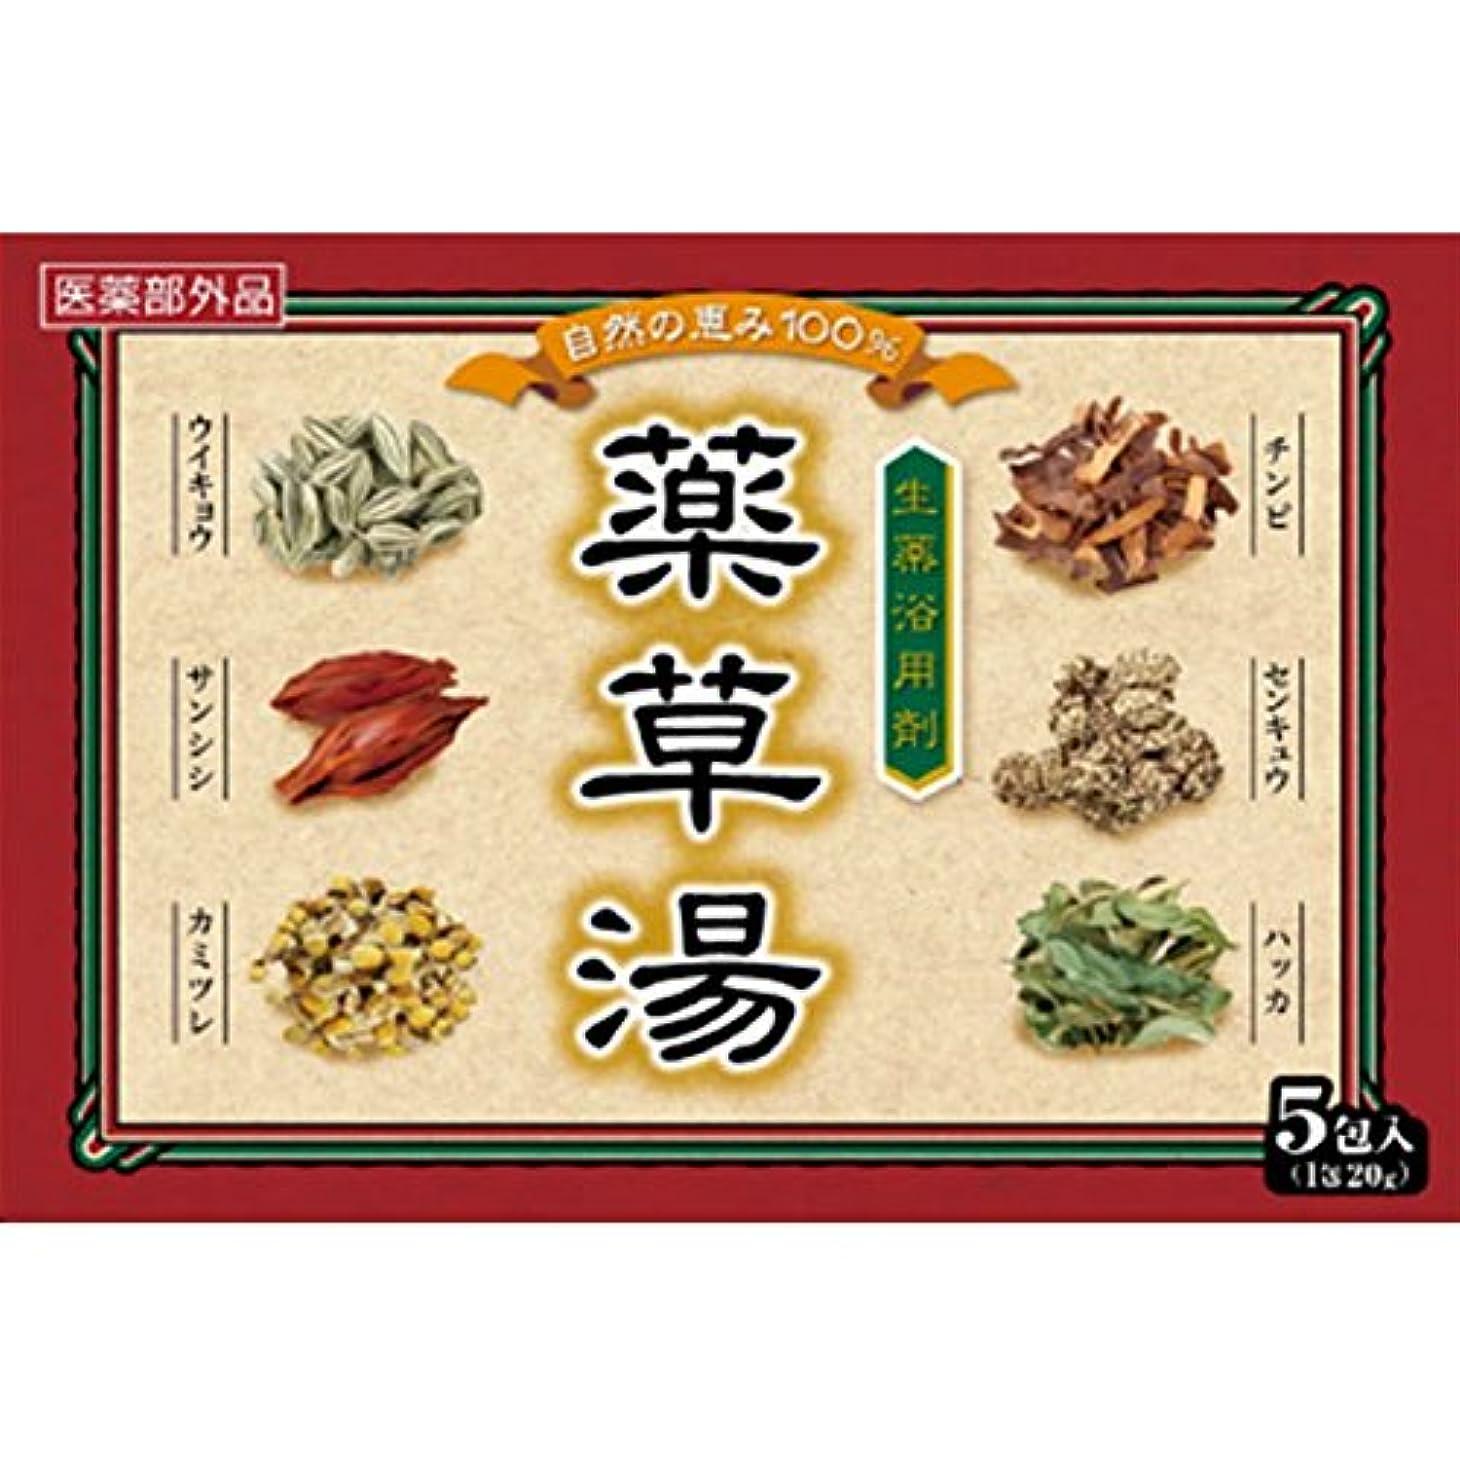 生薬浴用剤 薬草湯5包×2